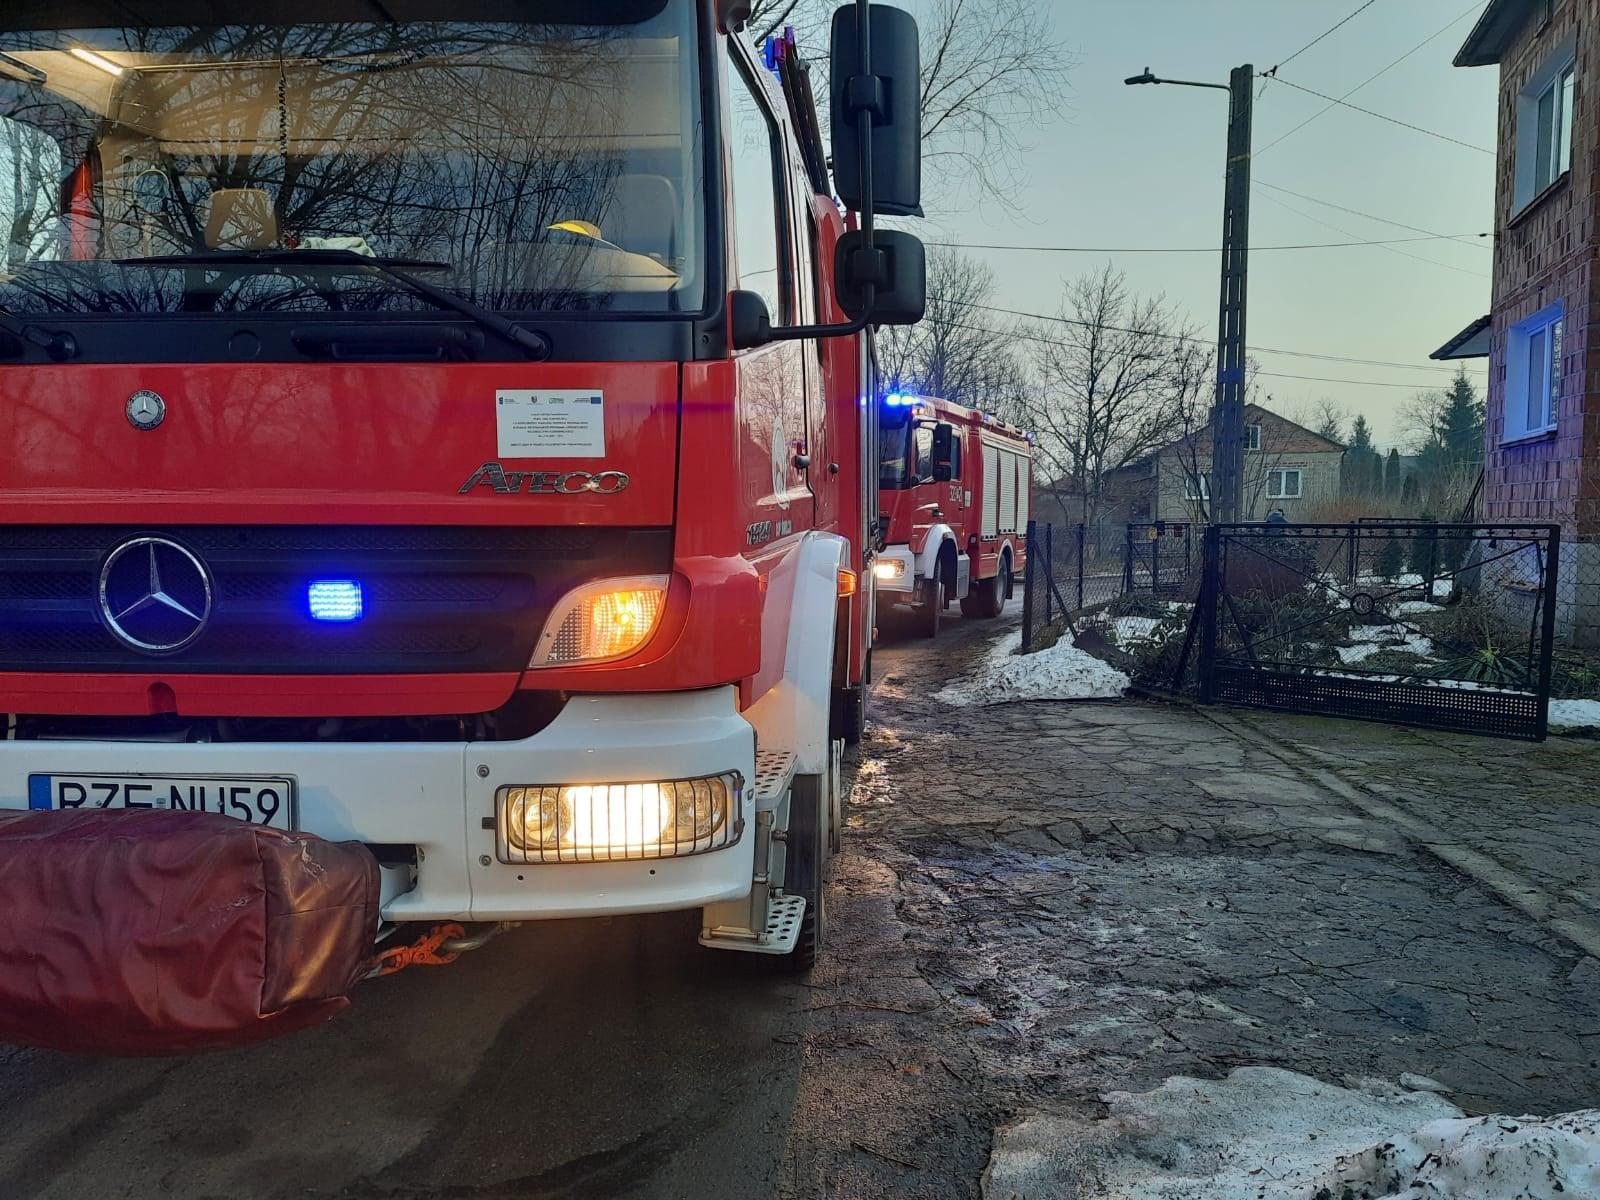 Czujnik wykrył czad. Strażacy zareagowali błyskawicznie - Zdjęcie główne